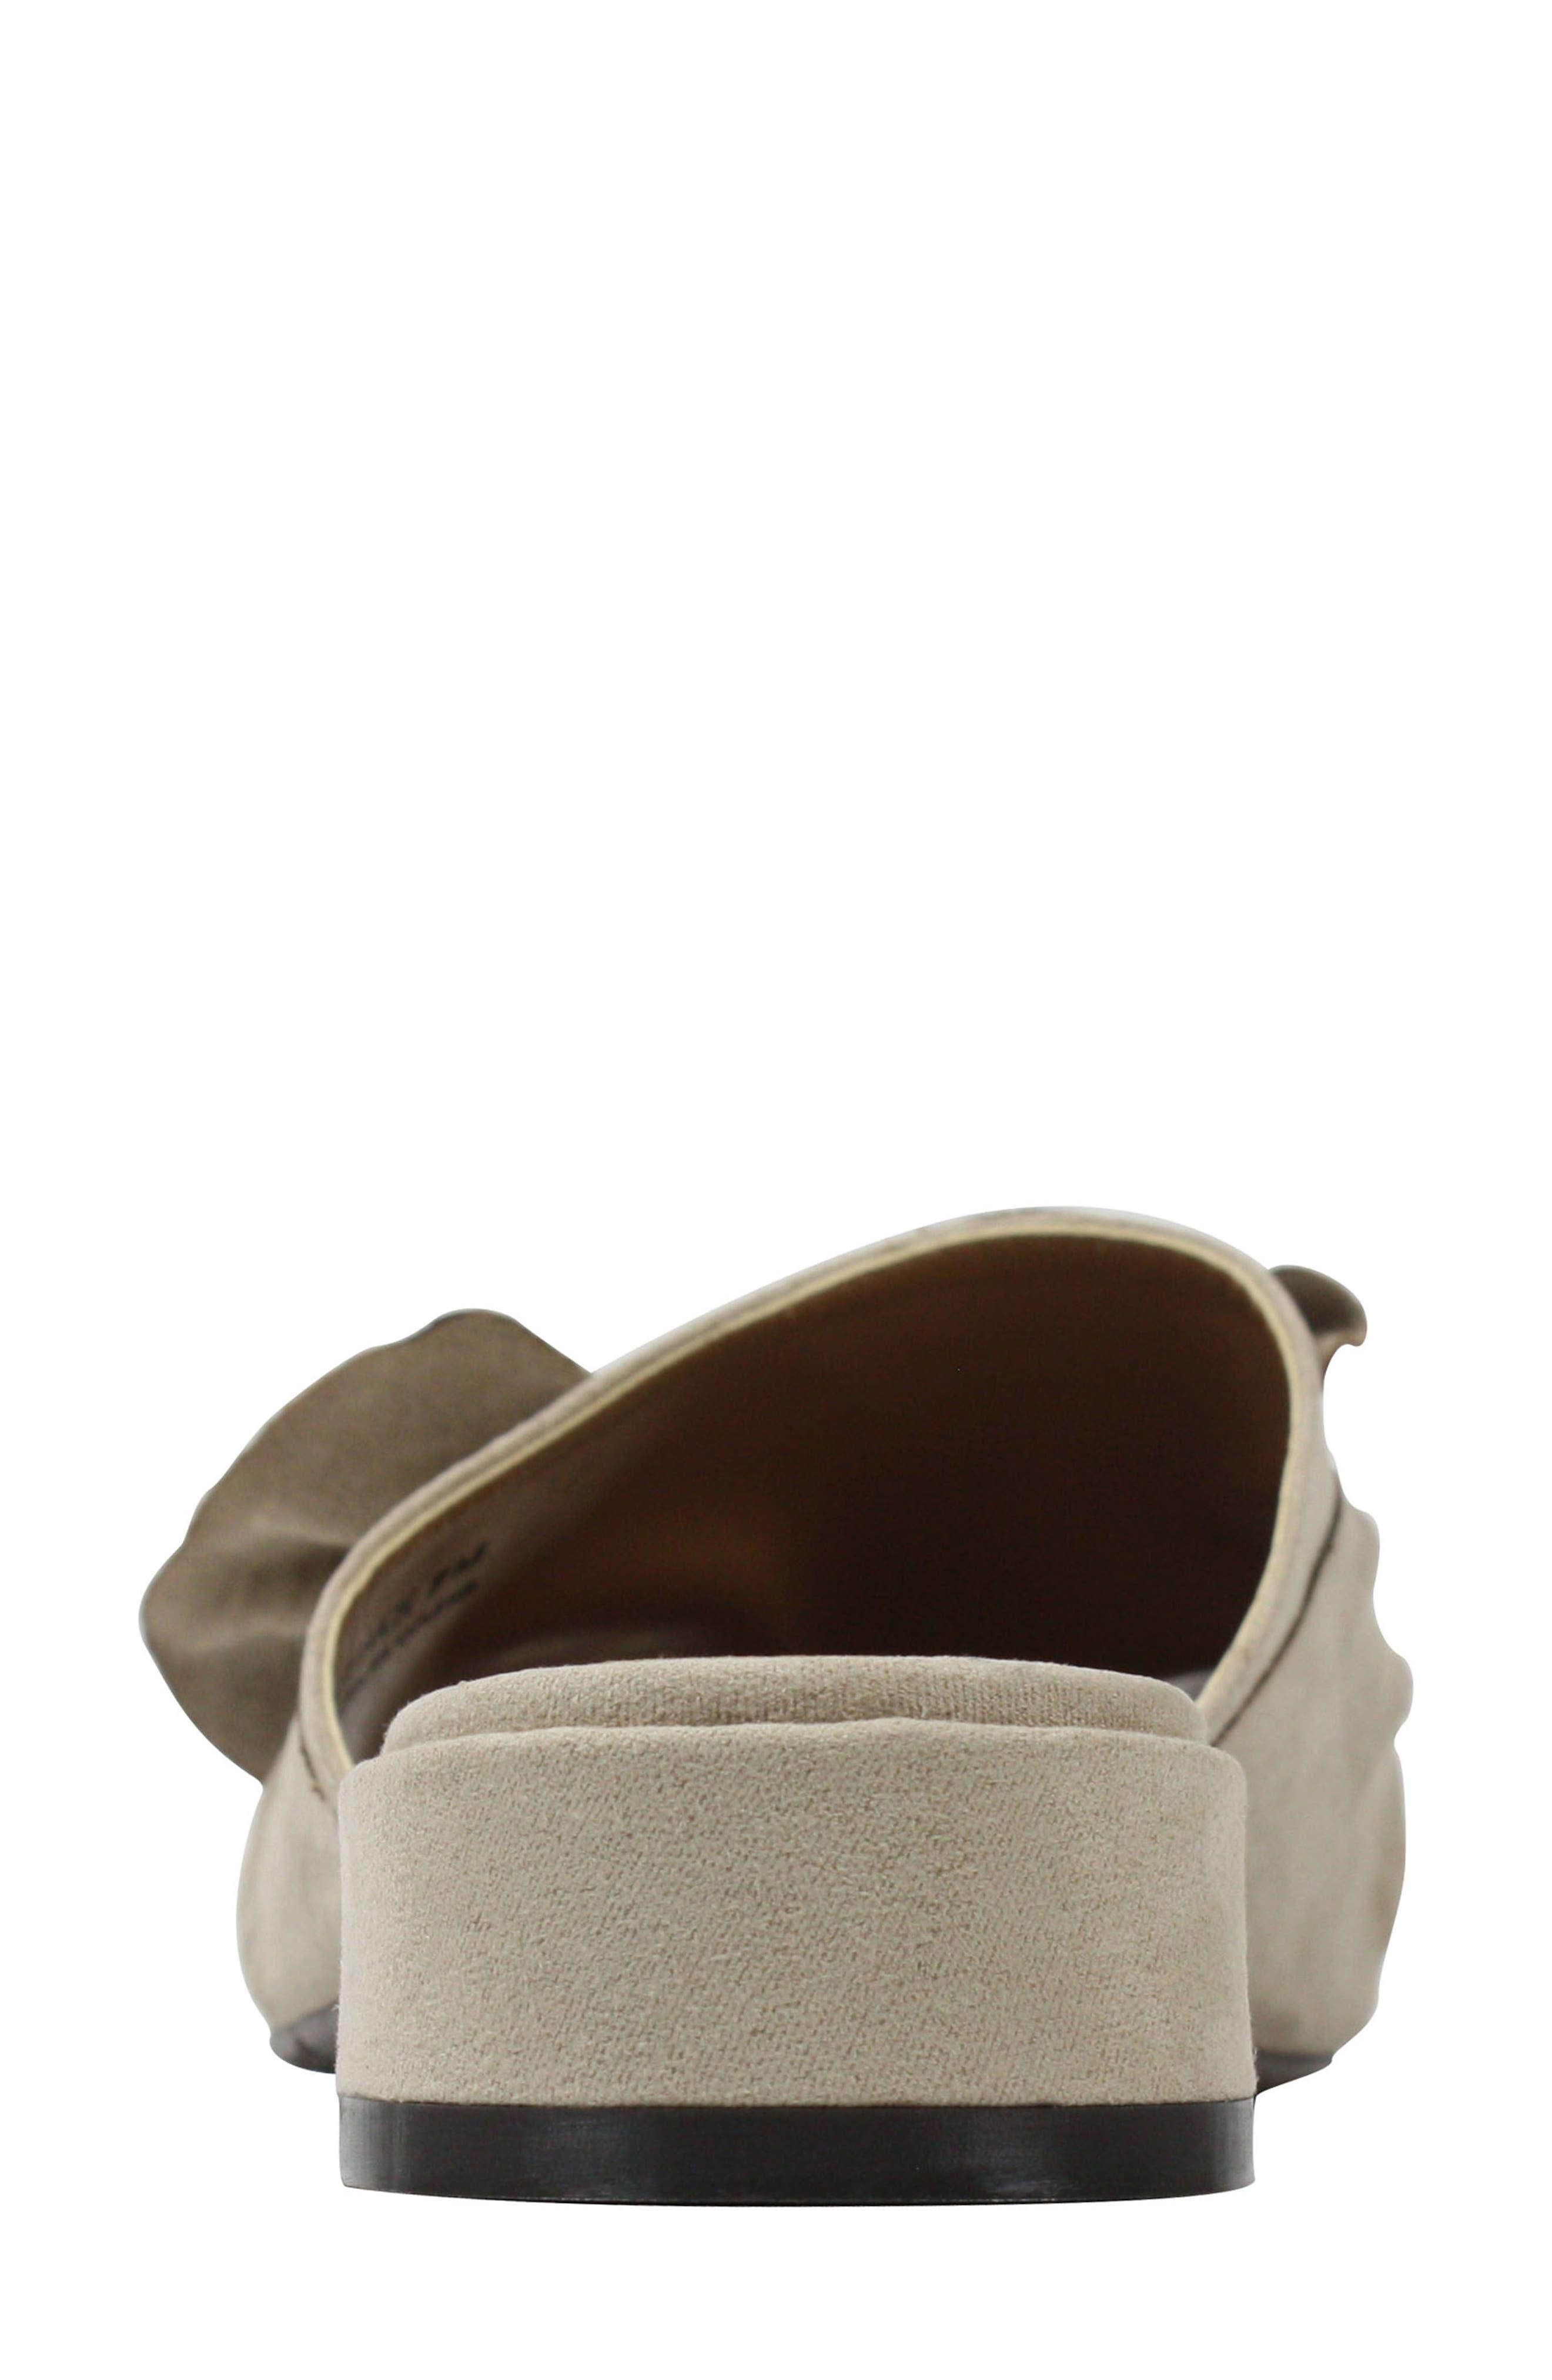 Sattuck Slide Sandal,                             Alternate thumbnail 3, color,                             Dark Beige Fabric